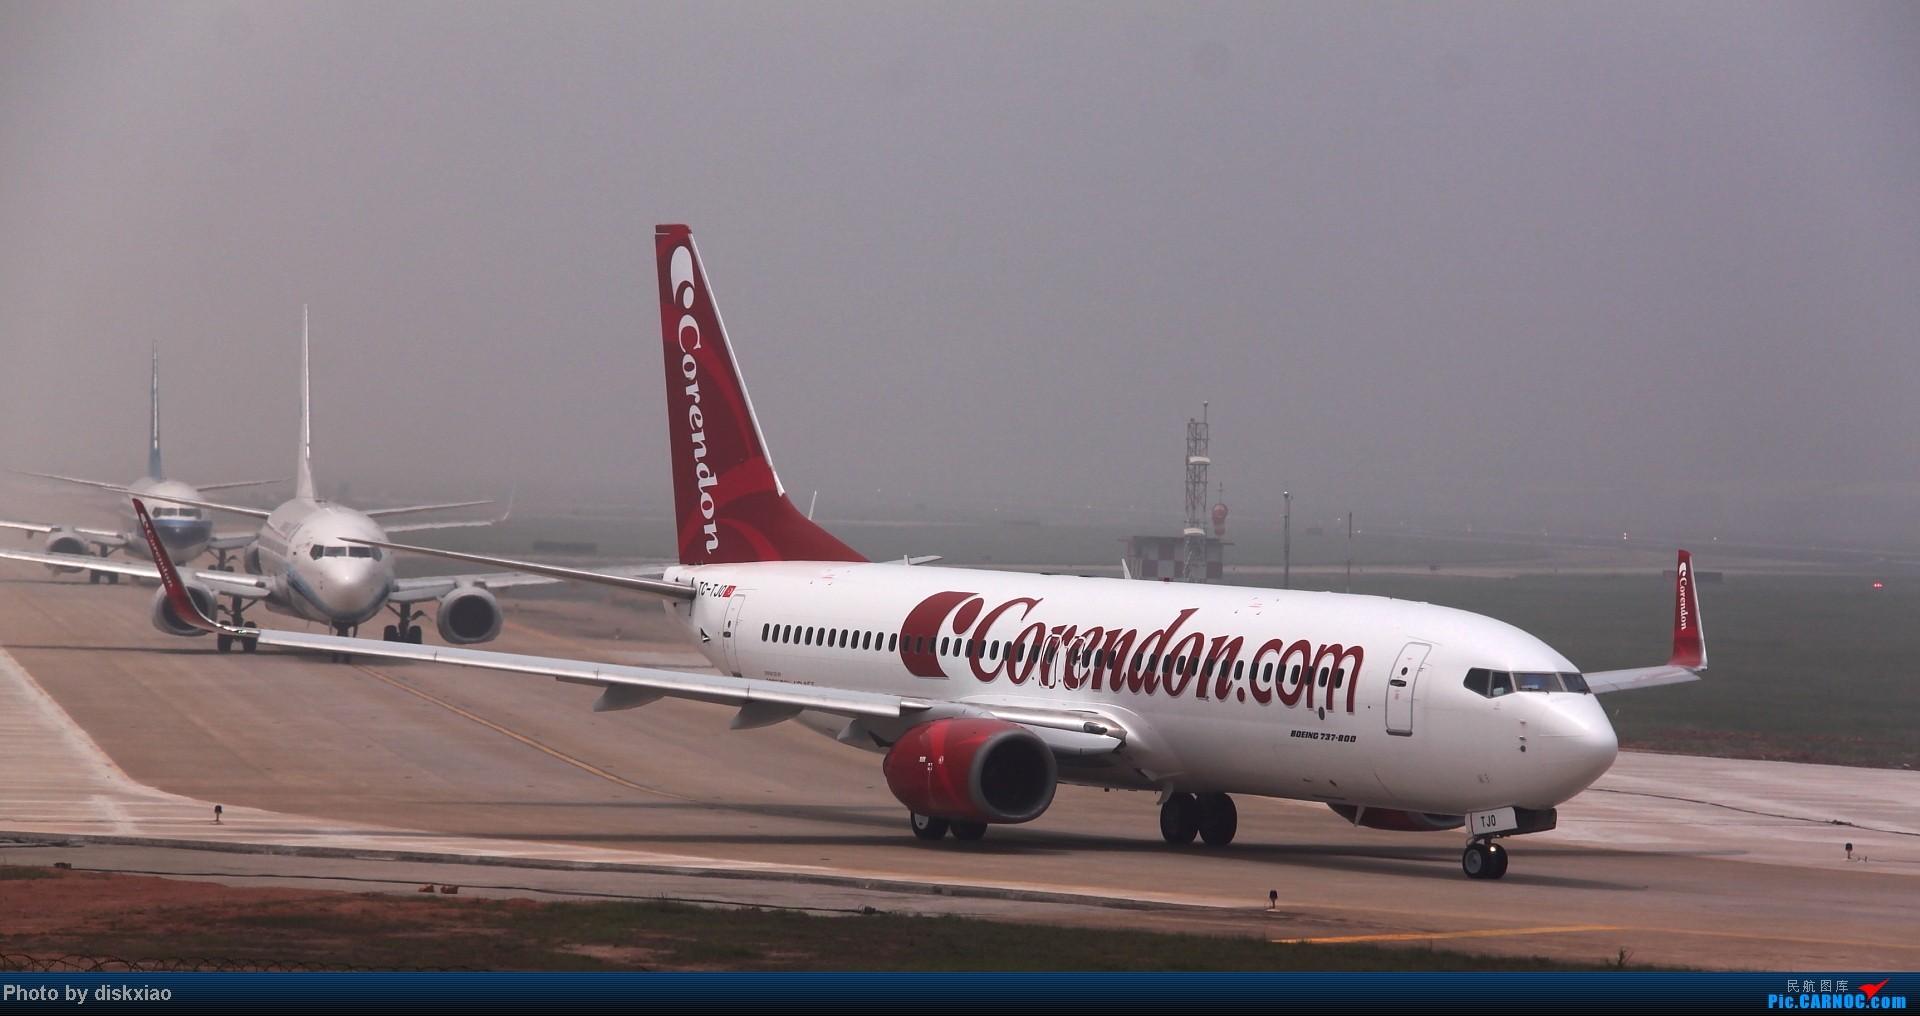 [原创]【厦门飞友会】土耳其廉价航空corendon 在厦门 BOEING 737-800 TC-TJO 中国厦门高崎机场